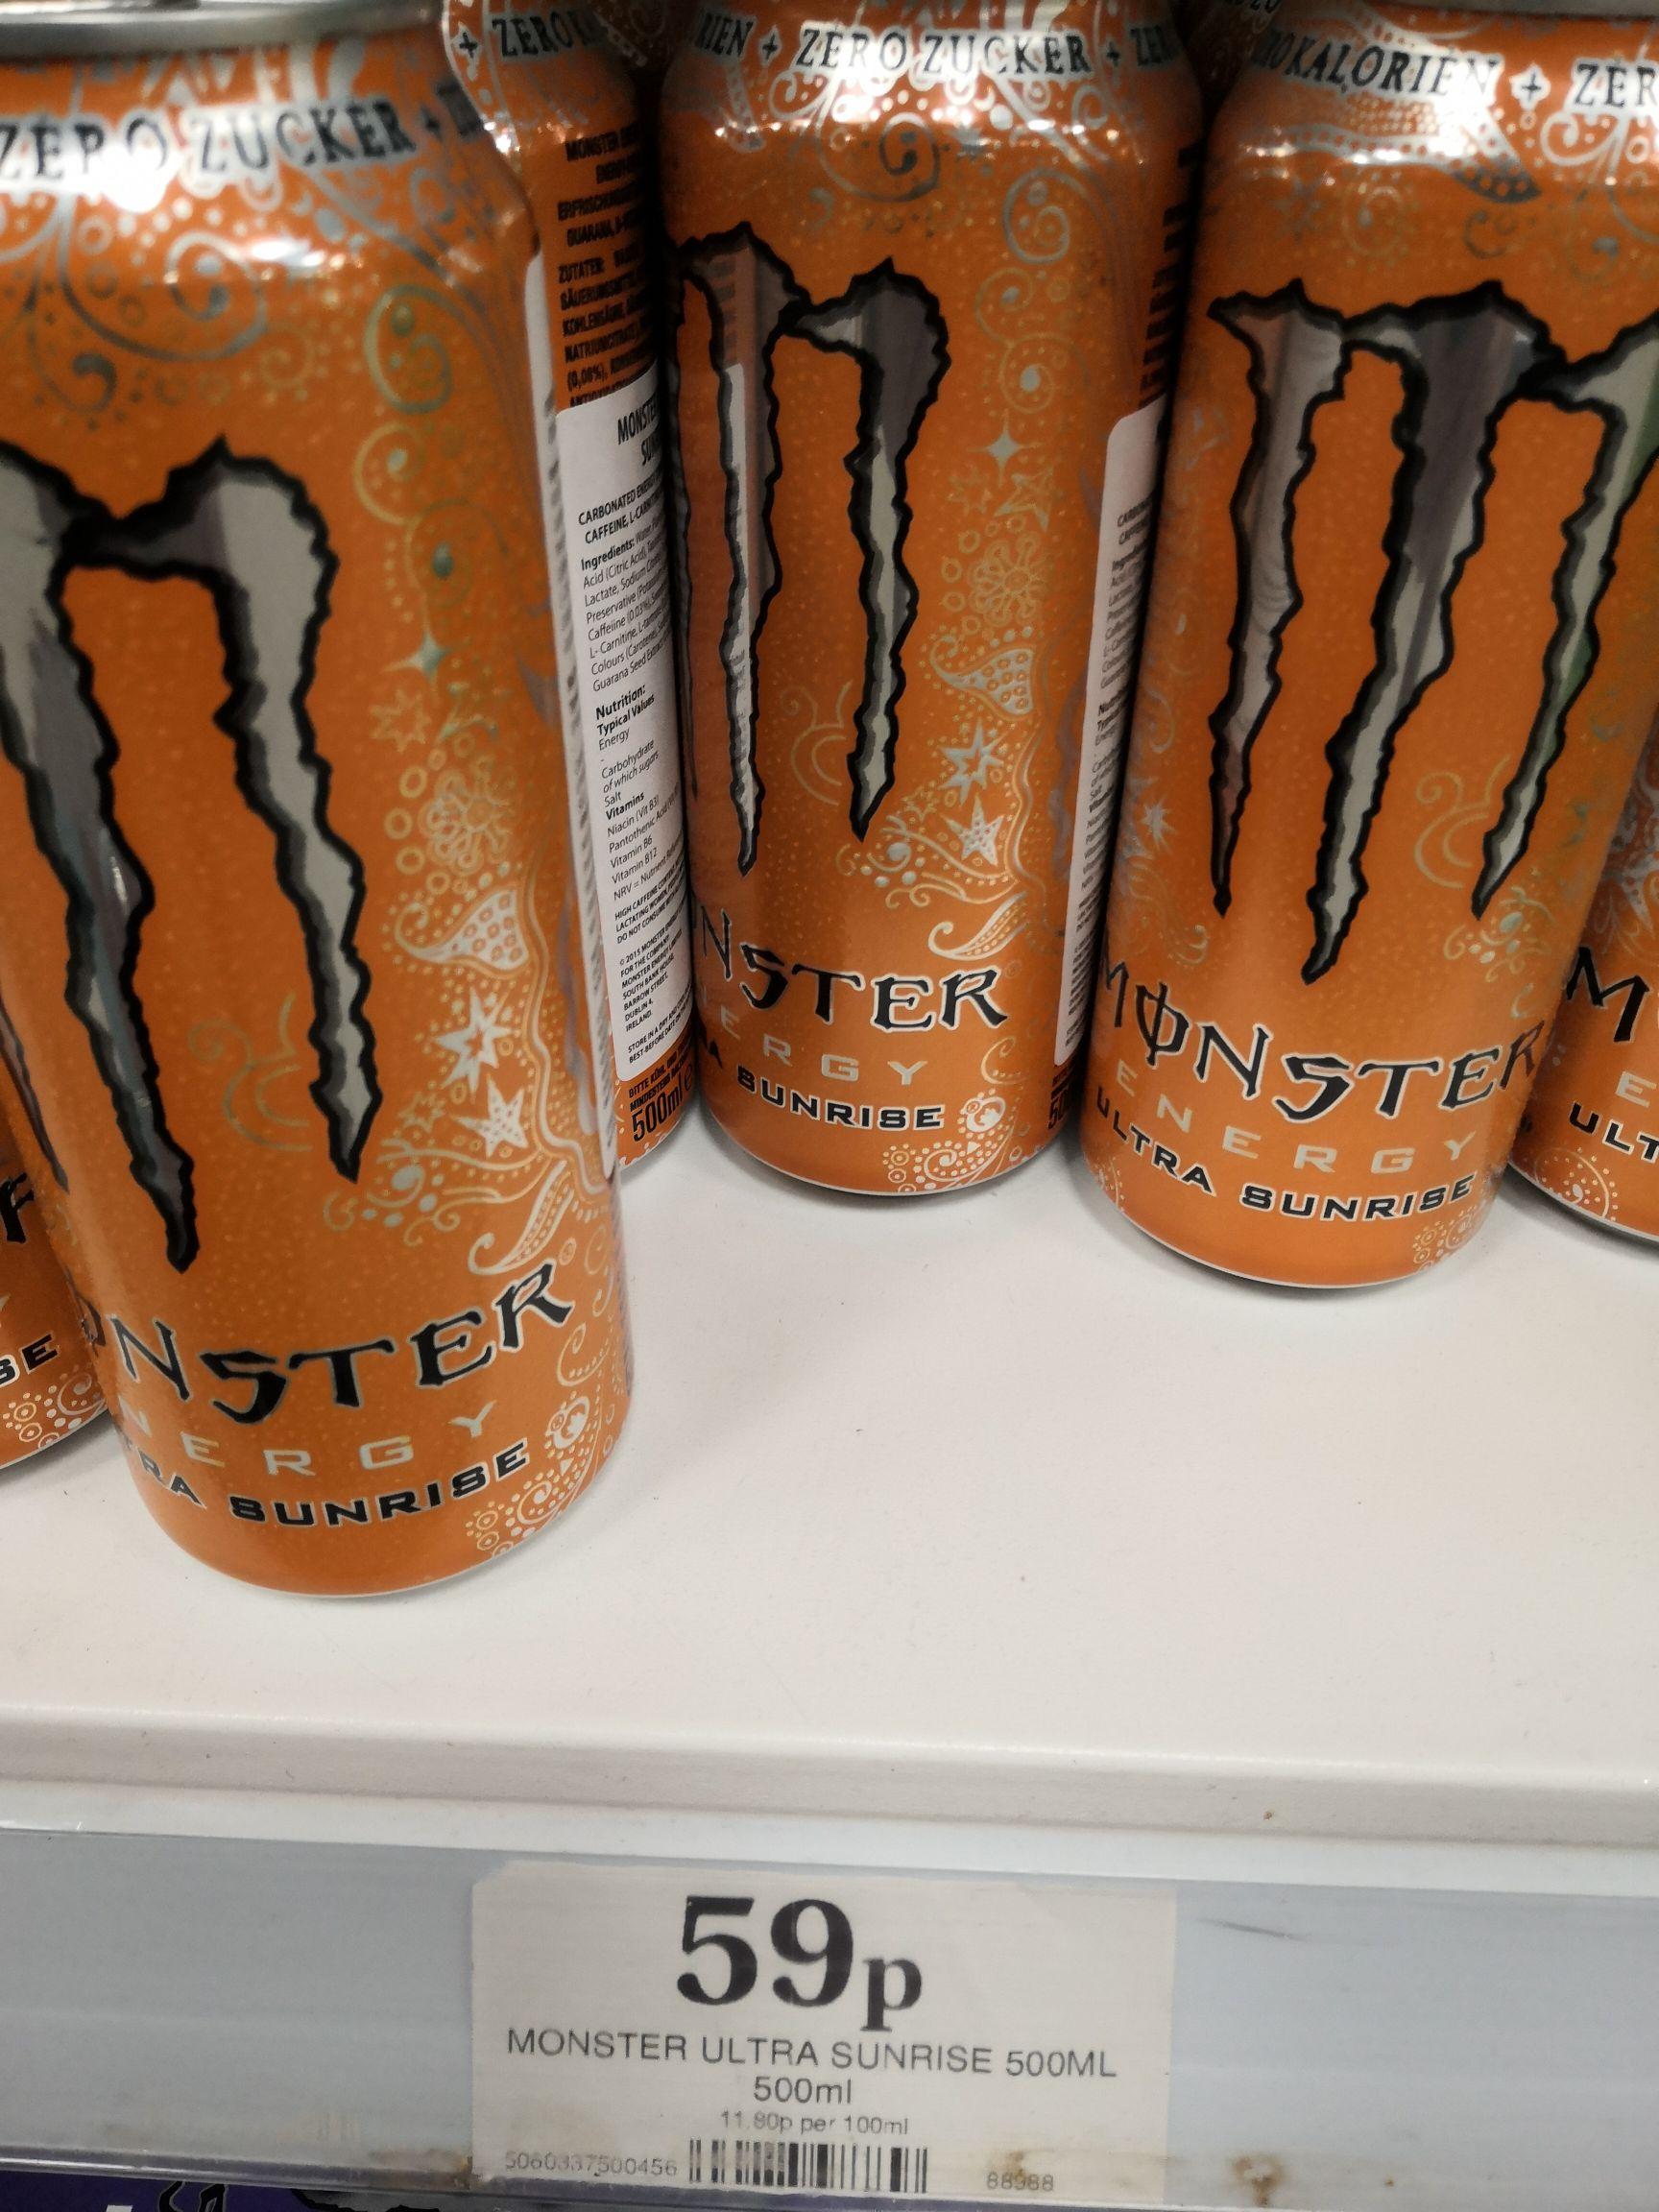 Monster Ultra 59p at Home Bargains Romford.